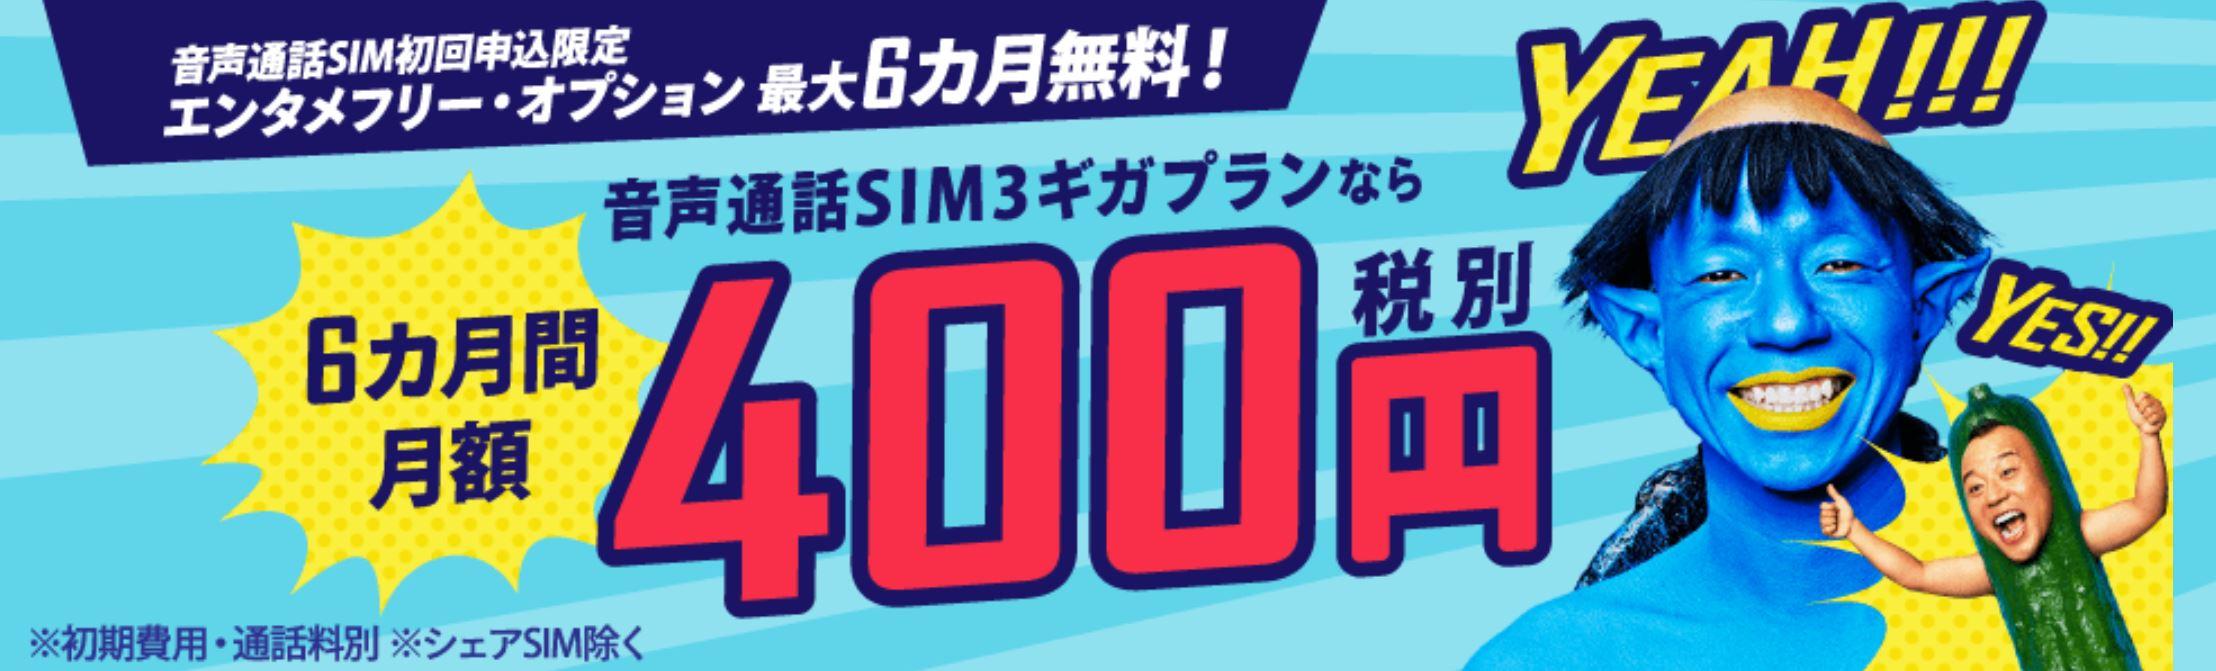 格安SIM_比較_biglobemobile_BIGLOBEモバイル_キャンペーン_お得_月額料金値引き&エンタメフリーオプション6ヶ月無料キャンペーン